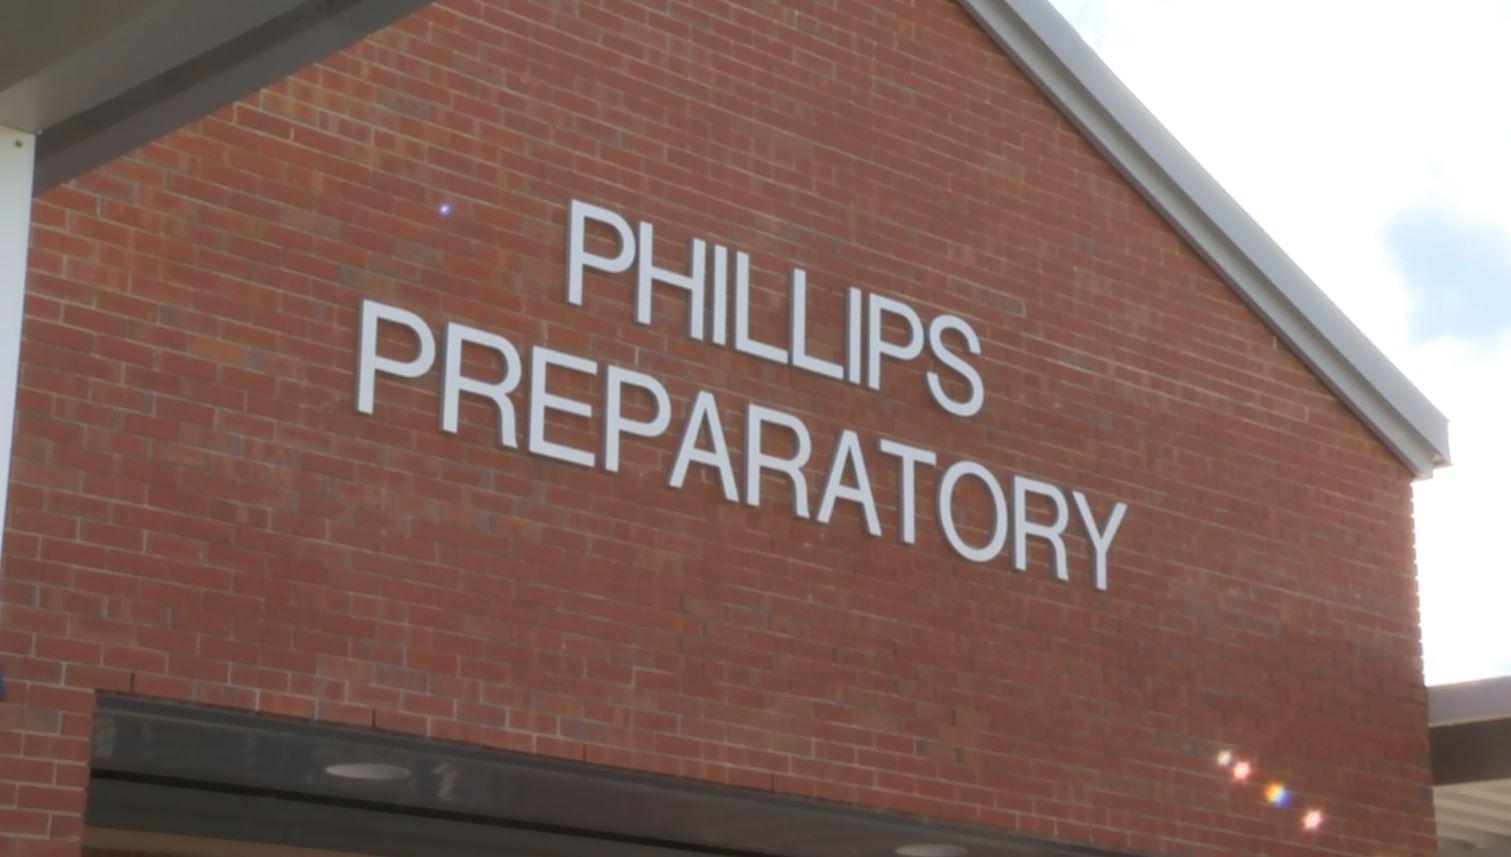 phillips 1_1546886919004.JPG.jpg